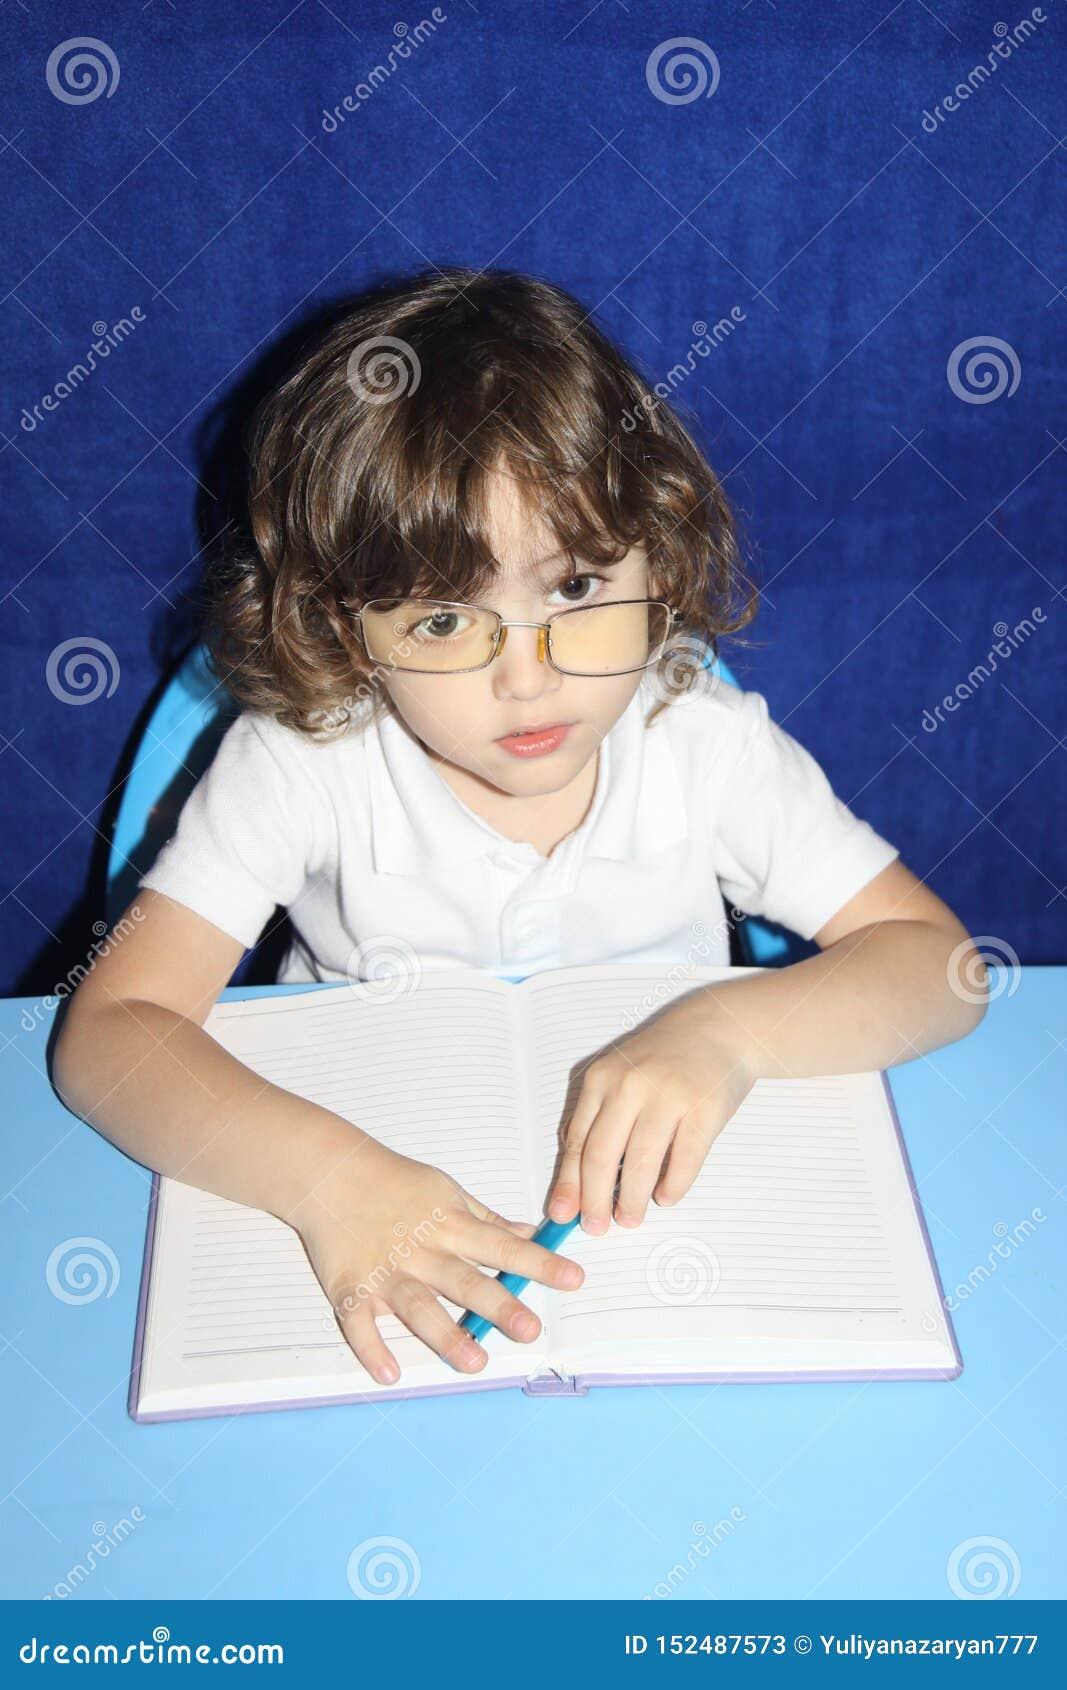 Ребенок делает уроки с серьезным взглядом в стеклах